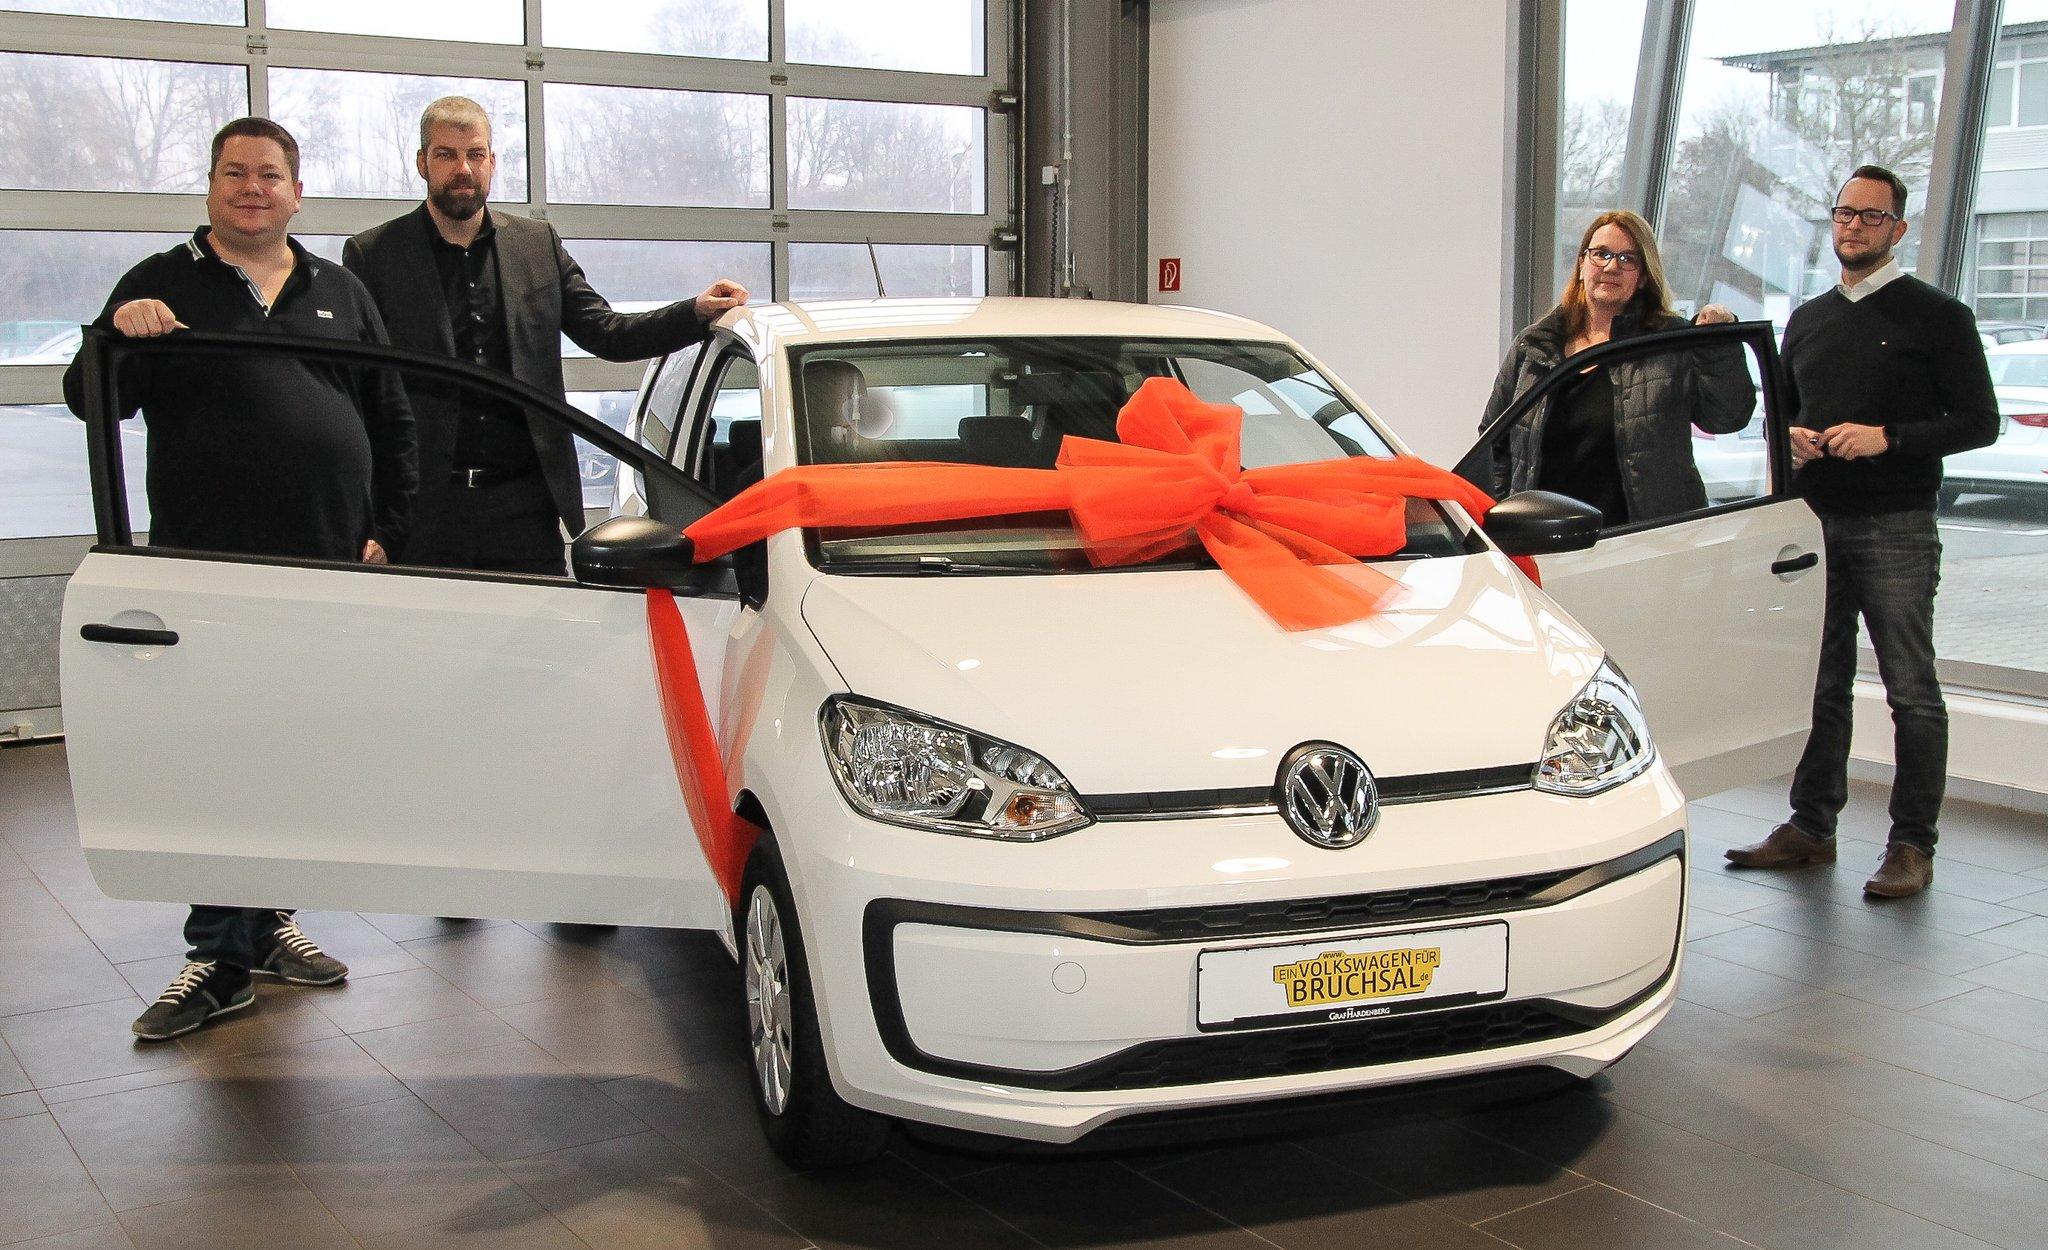 Ein Volkswagen Für Bruchsal